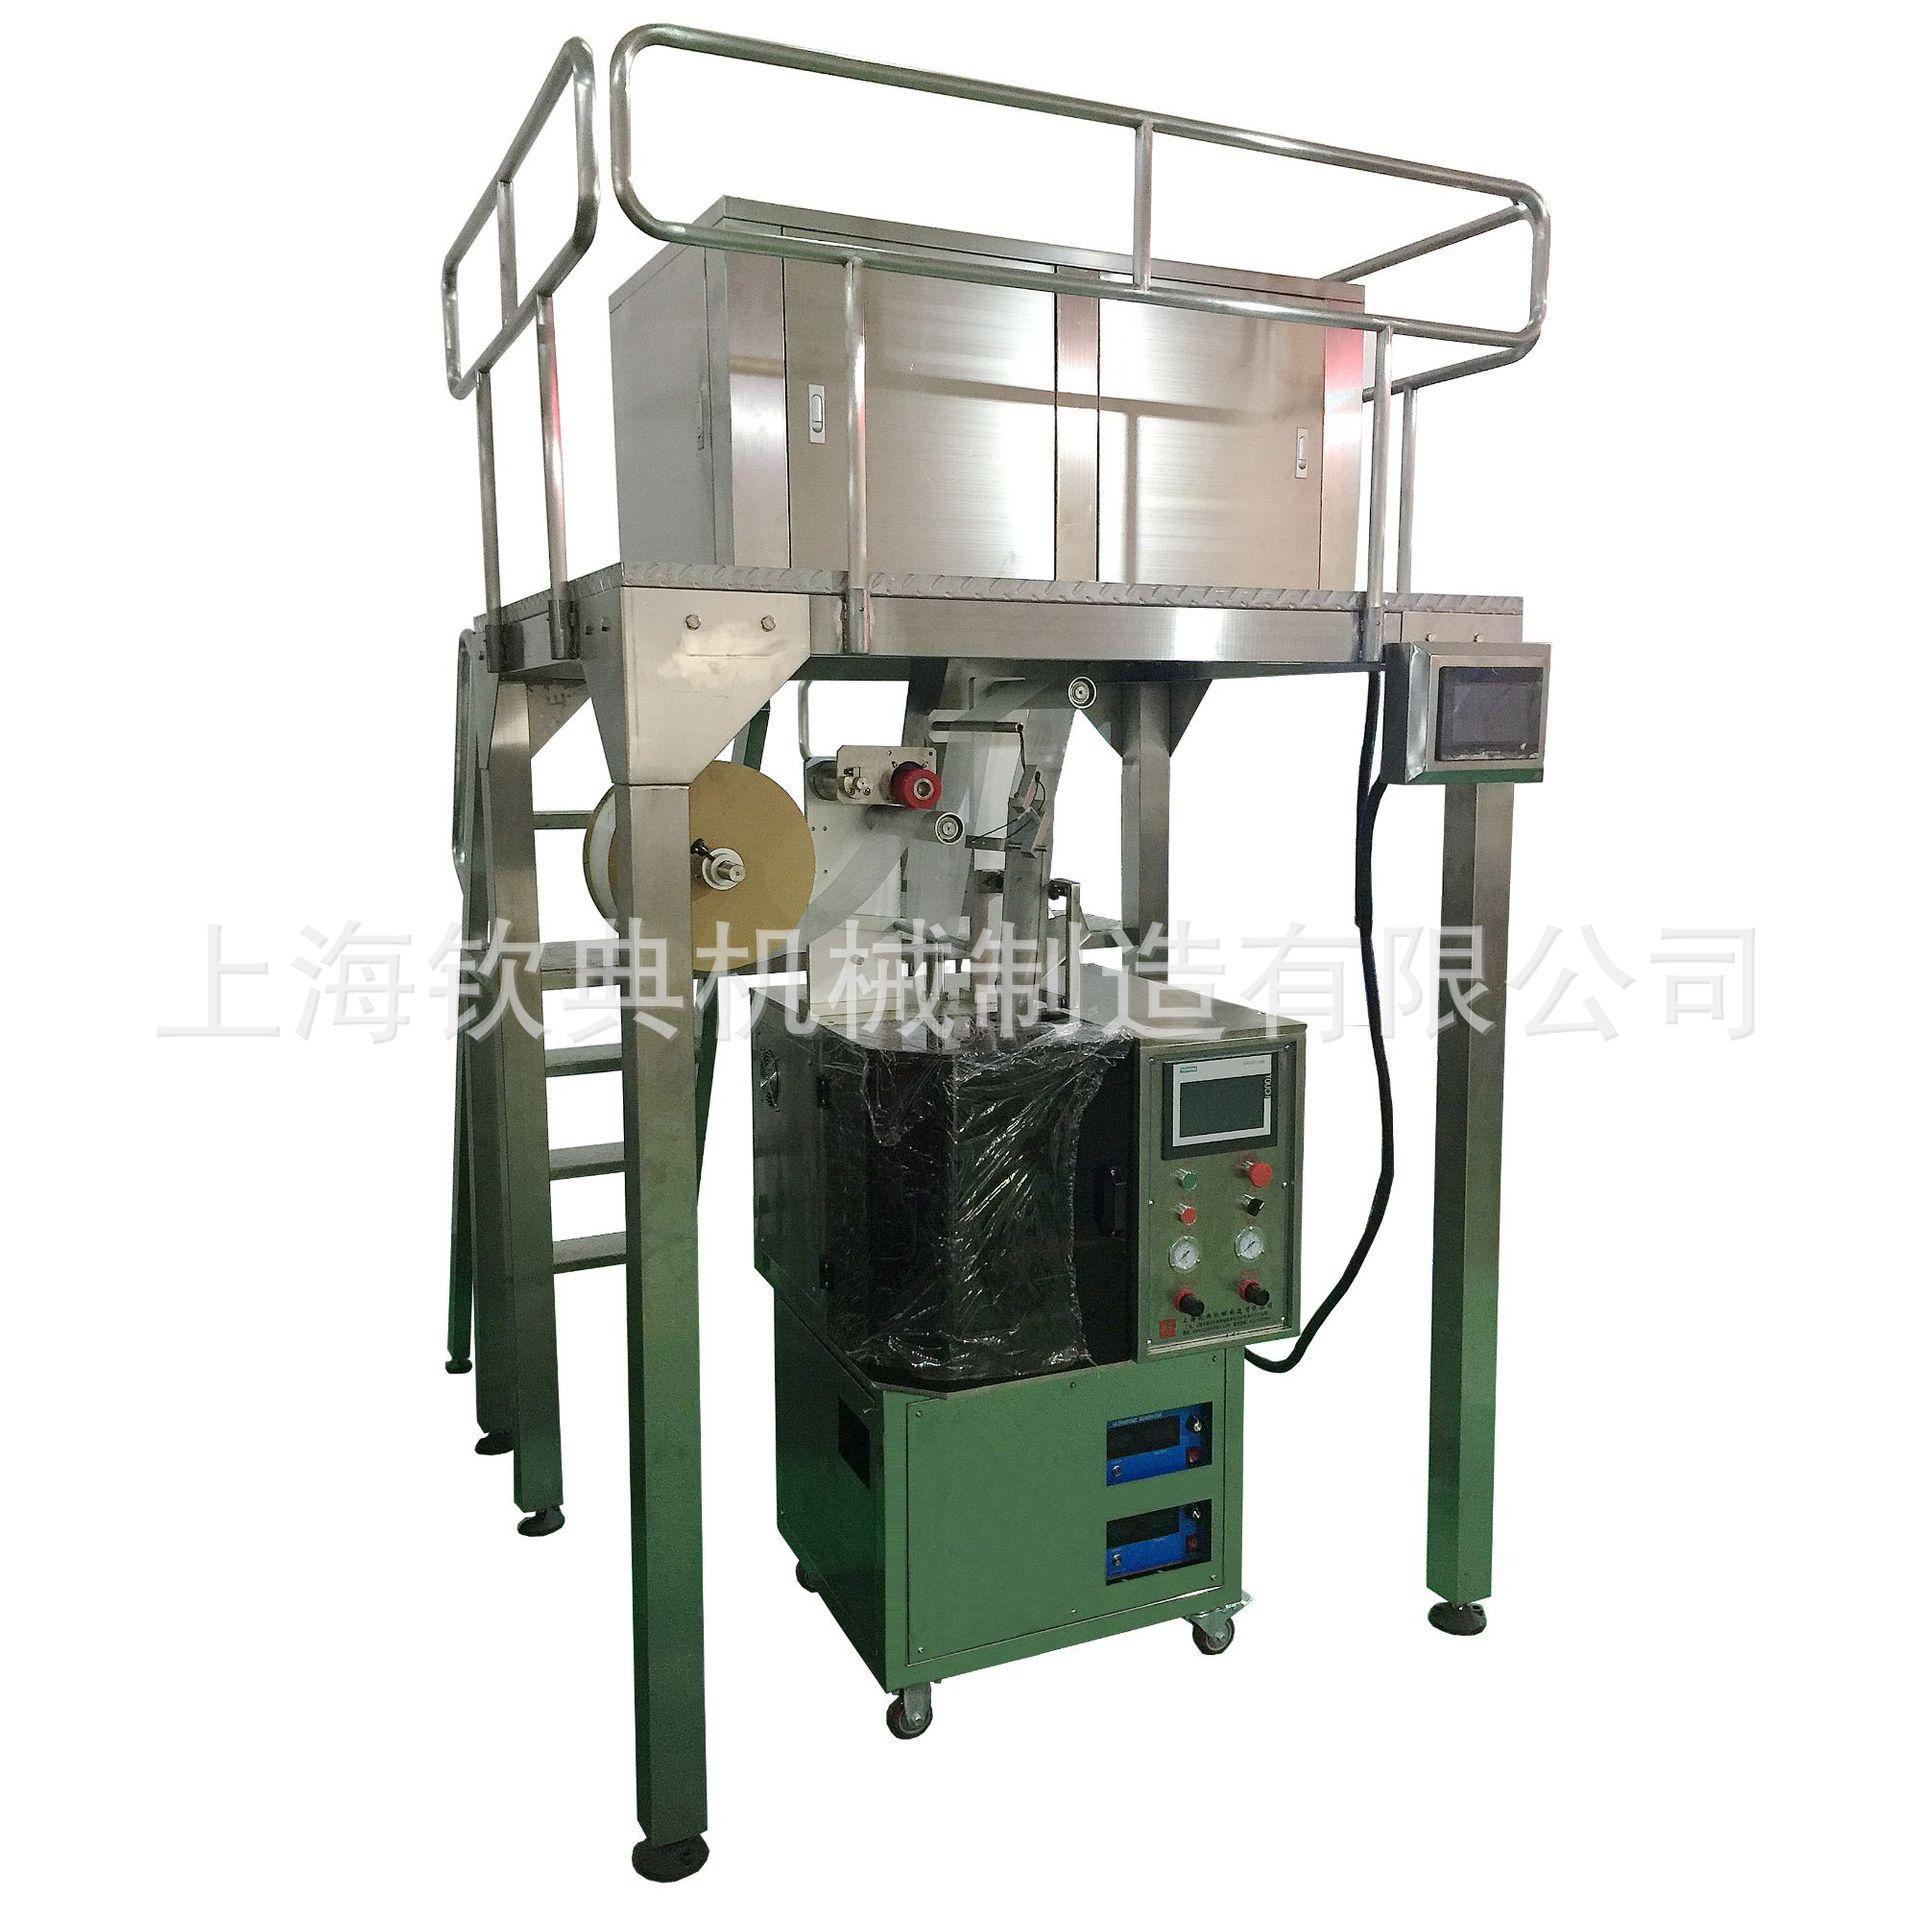 葛根茶自动包装机电子秤混合花茶包装机设备中草药袋泡茶包装机